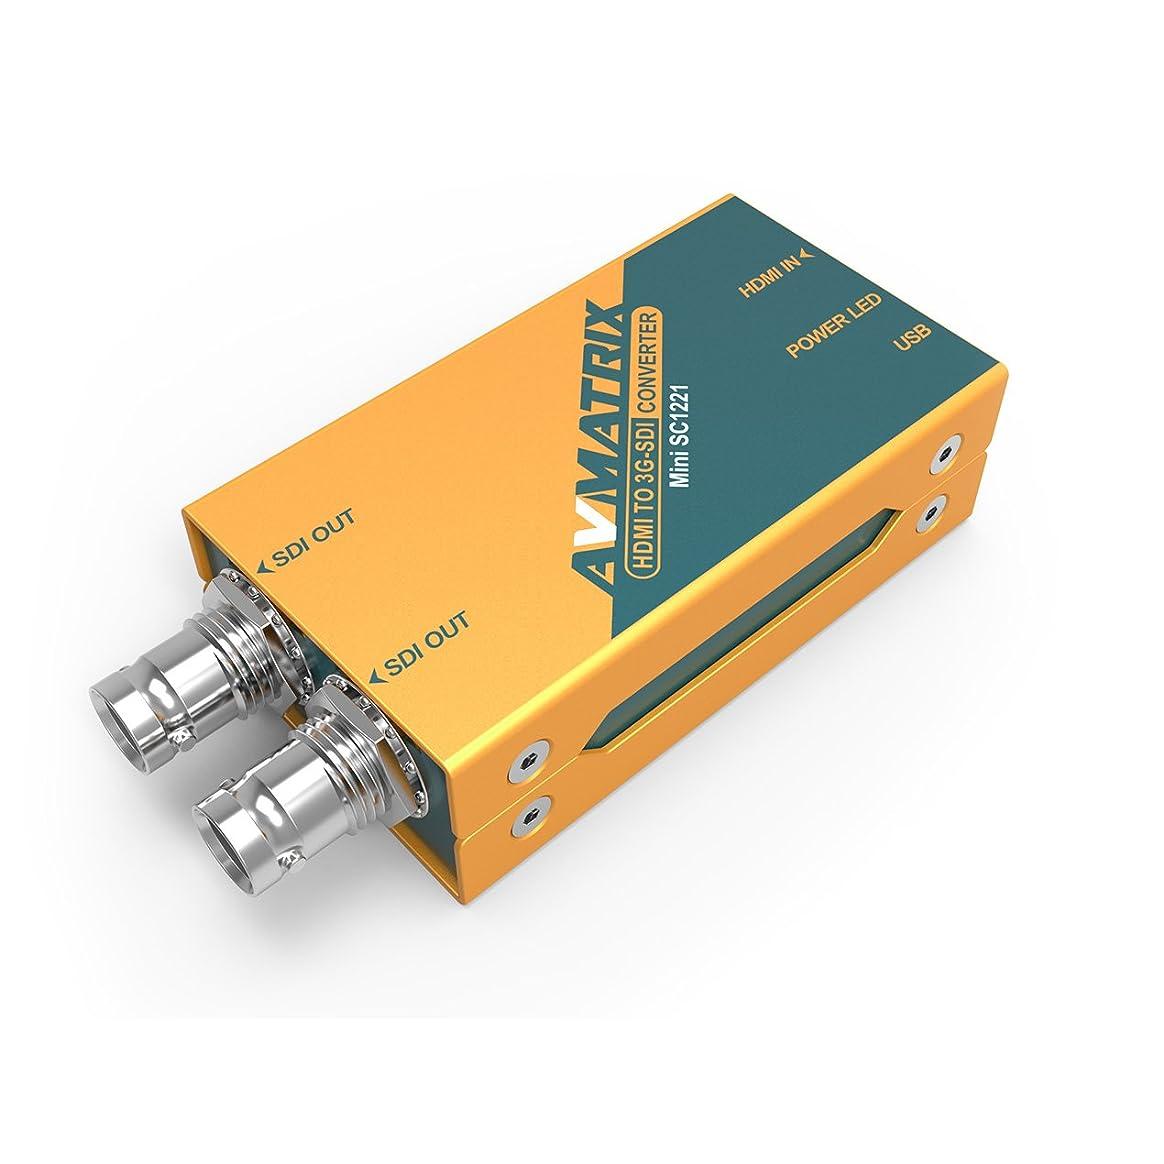 卒業記念アルバムを必要としていますマイクロPROSPEC デジタルビデオ編集機 最高級モデル DVE795